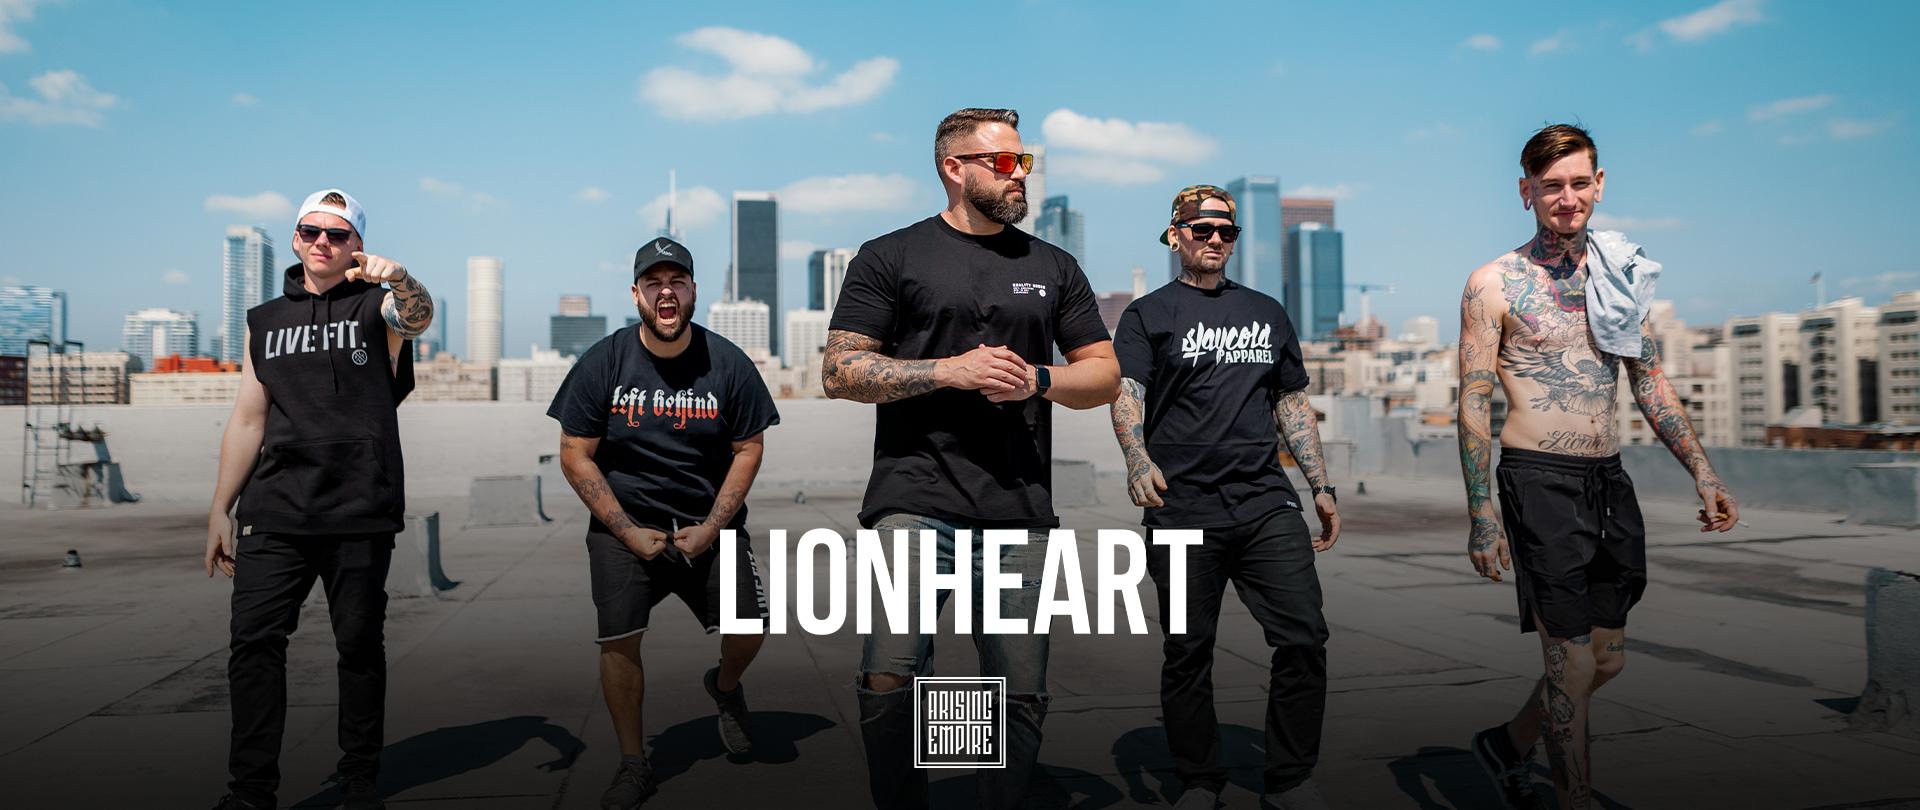 Lionheart at Arising Empire • Offizieller Online Shop